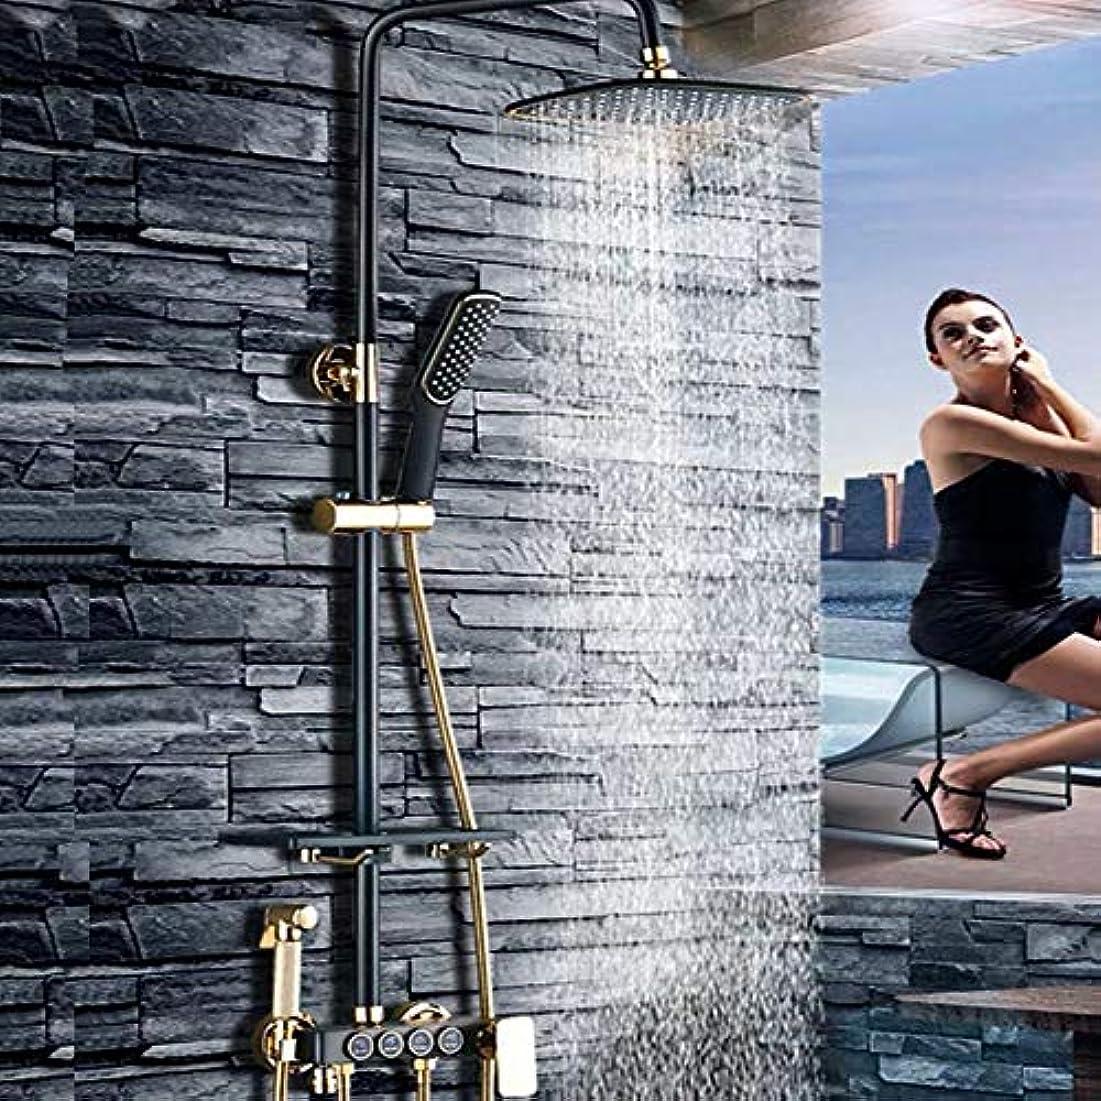 近似長いです破滅的なブラックシャワーシェルフシャワーセットサイズとセット/全銅の蛇口浴室のシャワーブースターシャワーヘッド/ファイン銅のテーマ:* 900ミリメートル340 浴室用設備